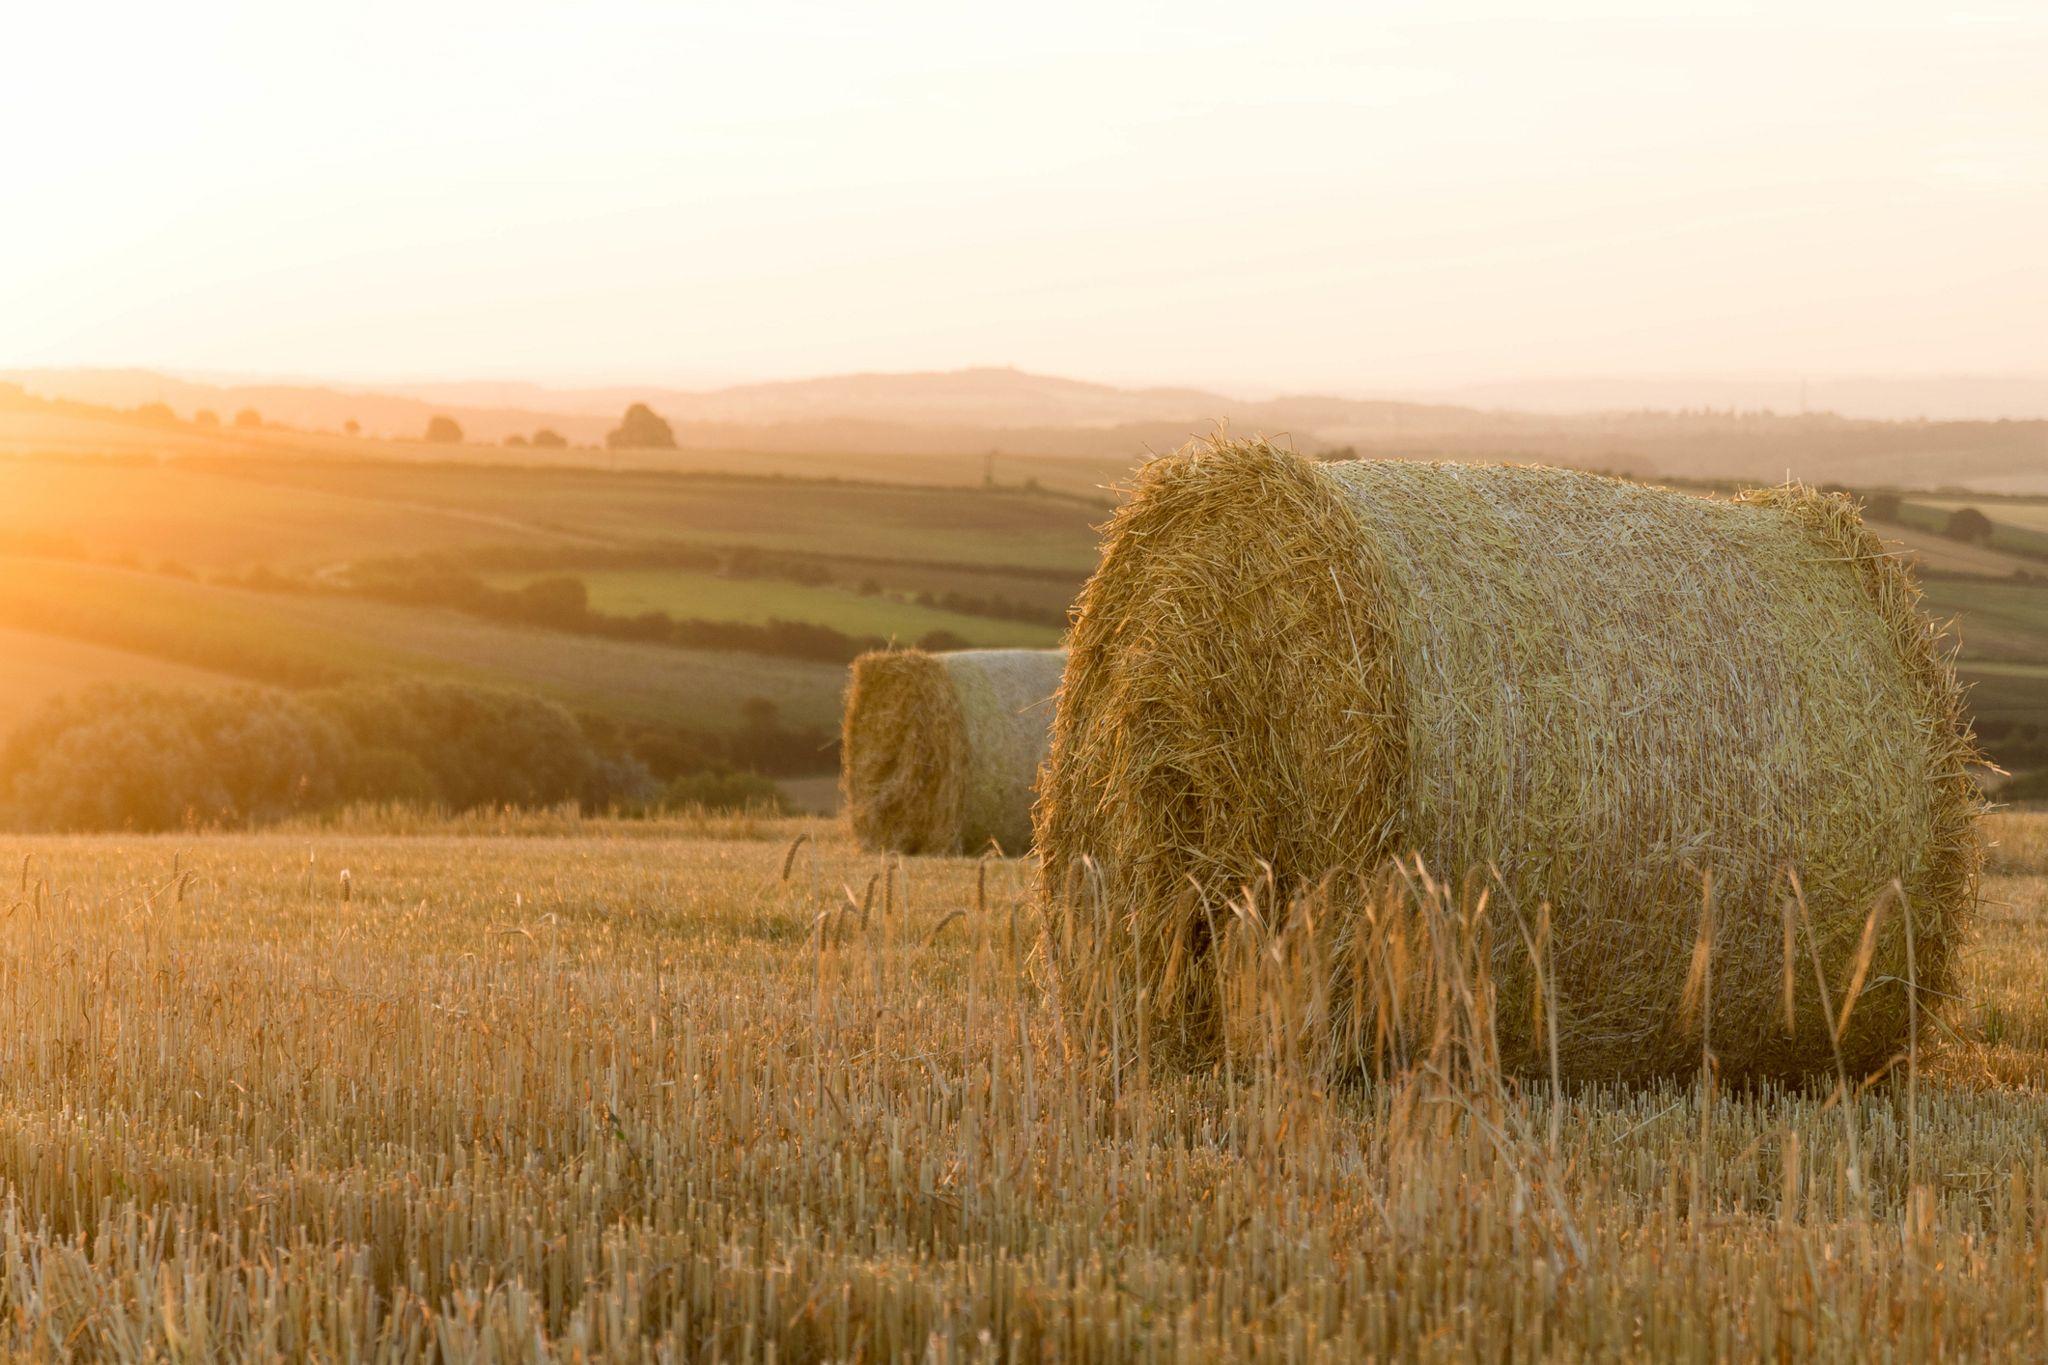 Hay field at dawn